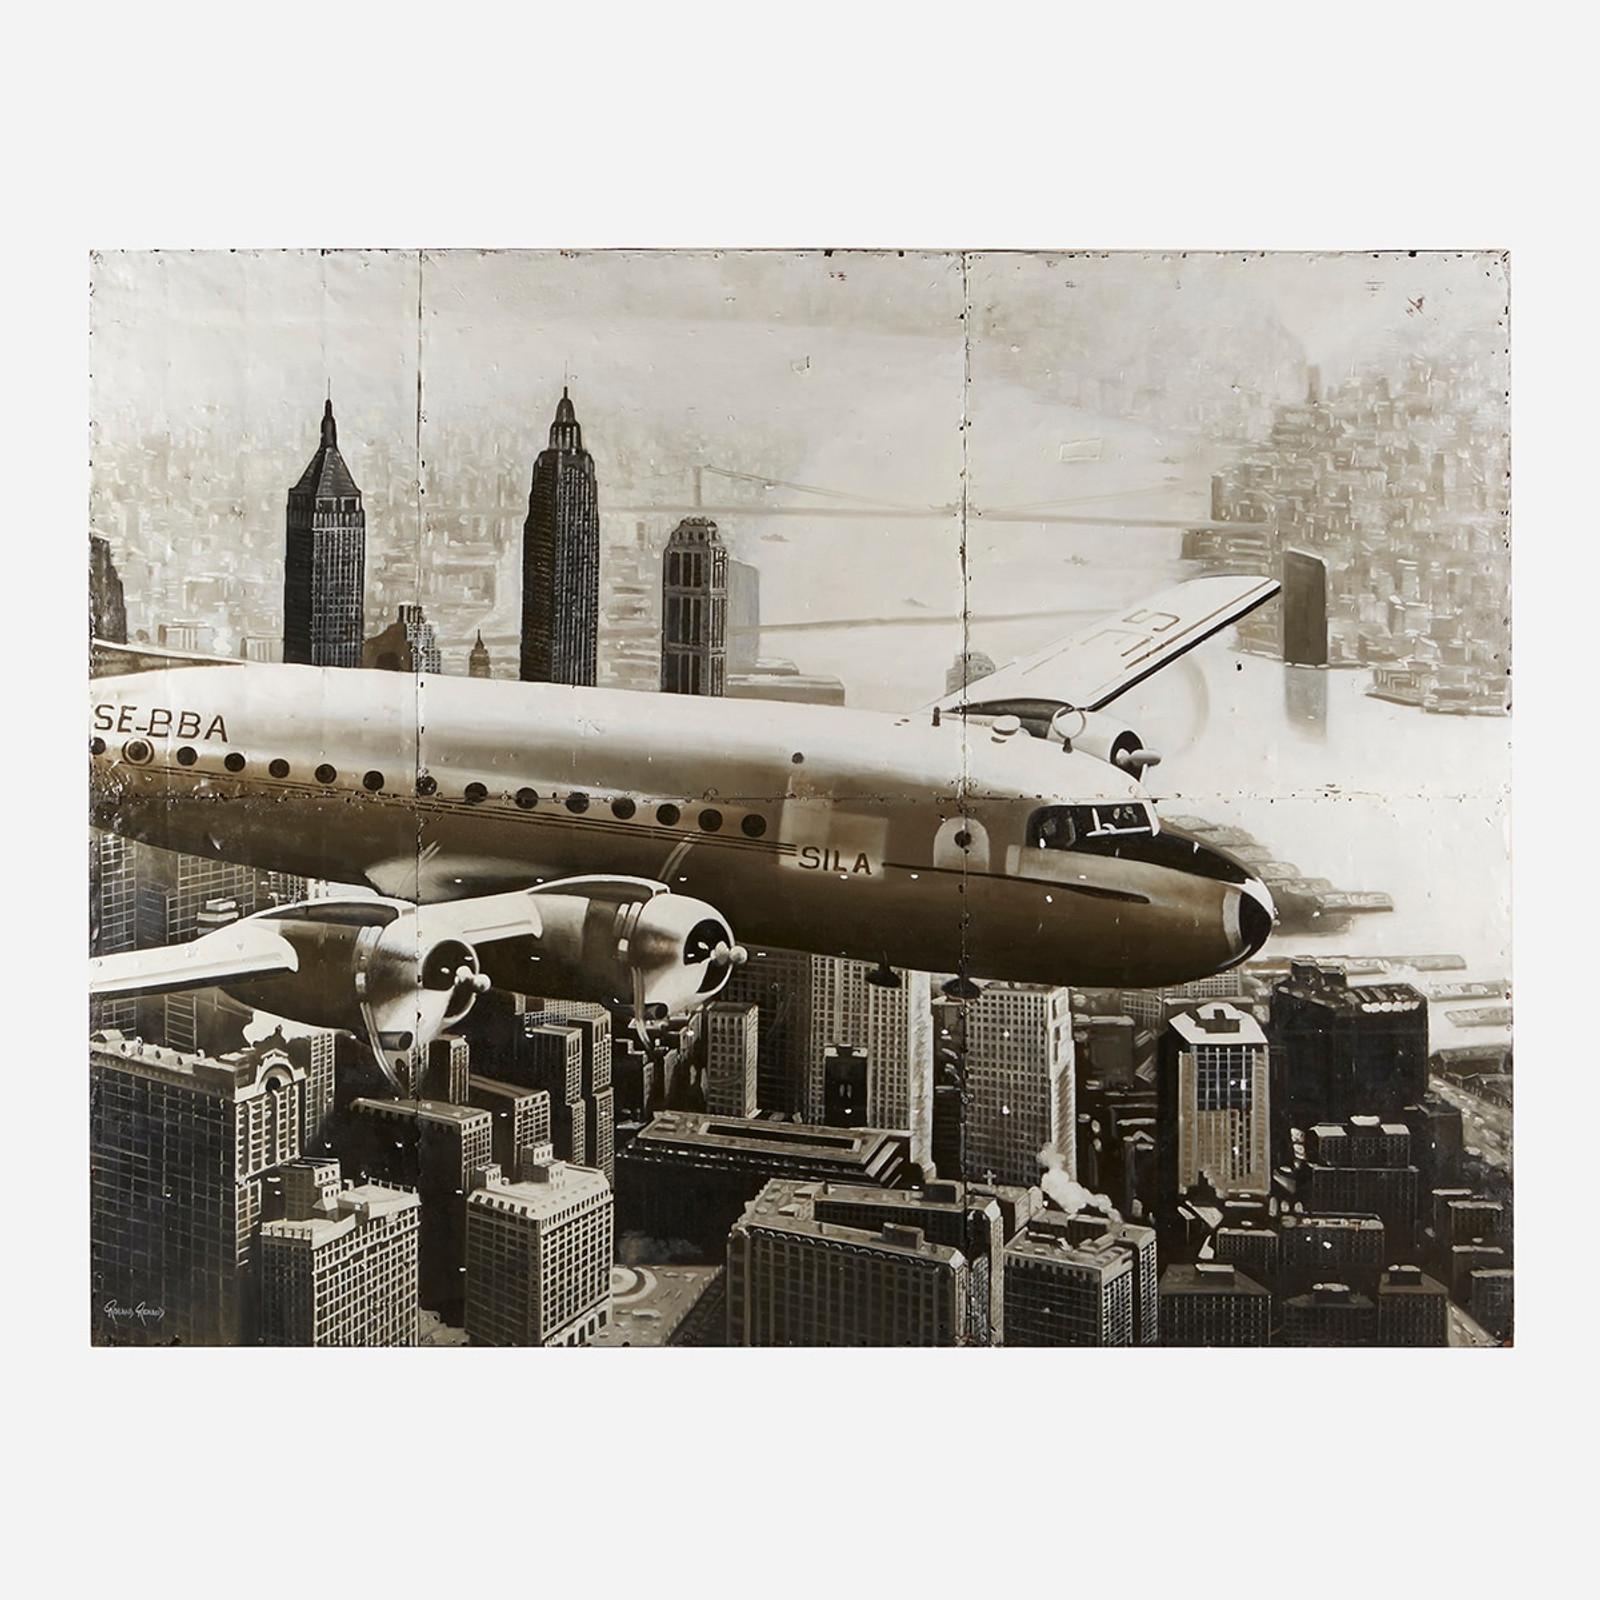 Art on Reclaimed Metal, Plane Over New York